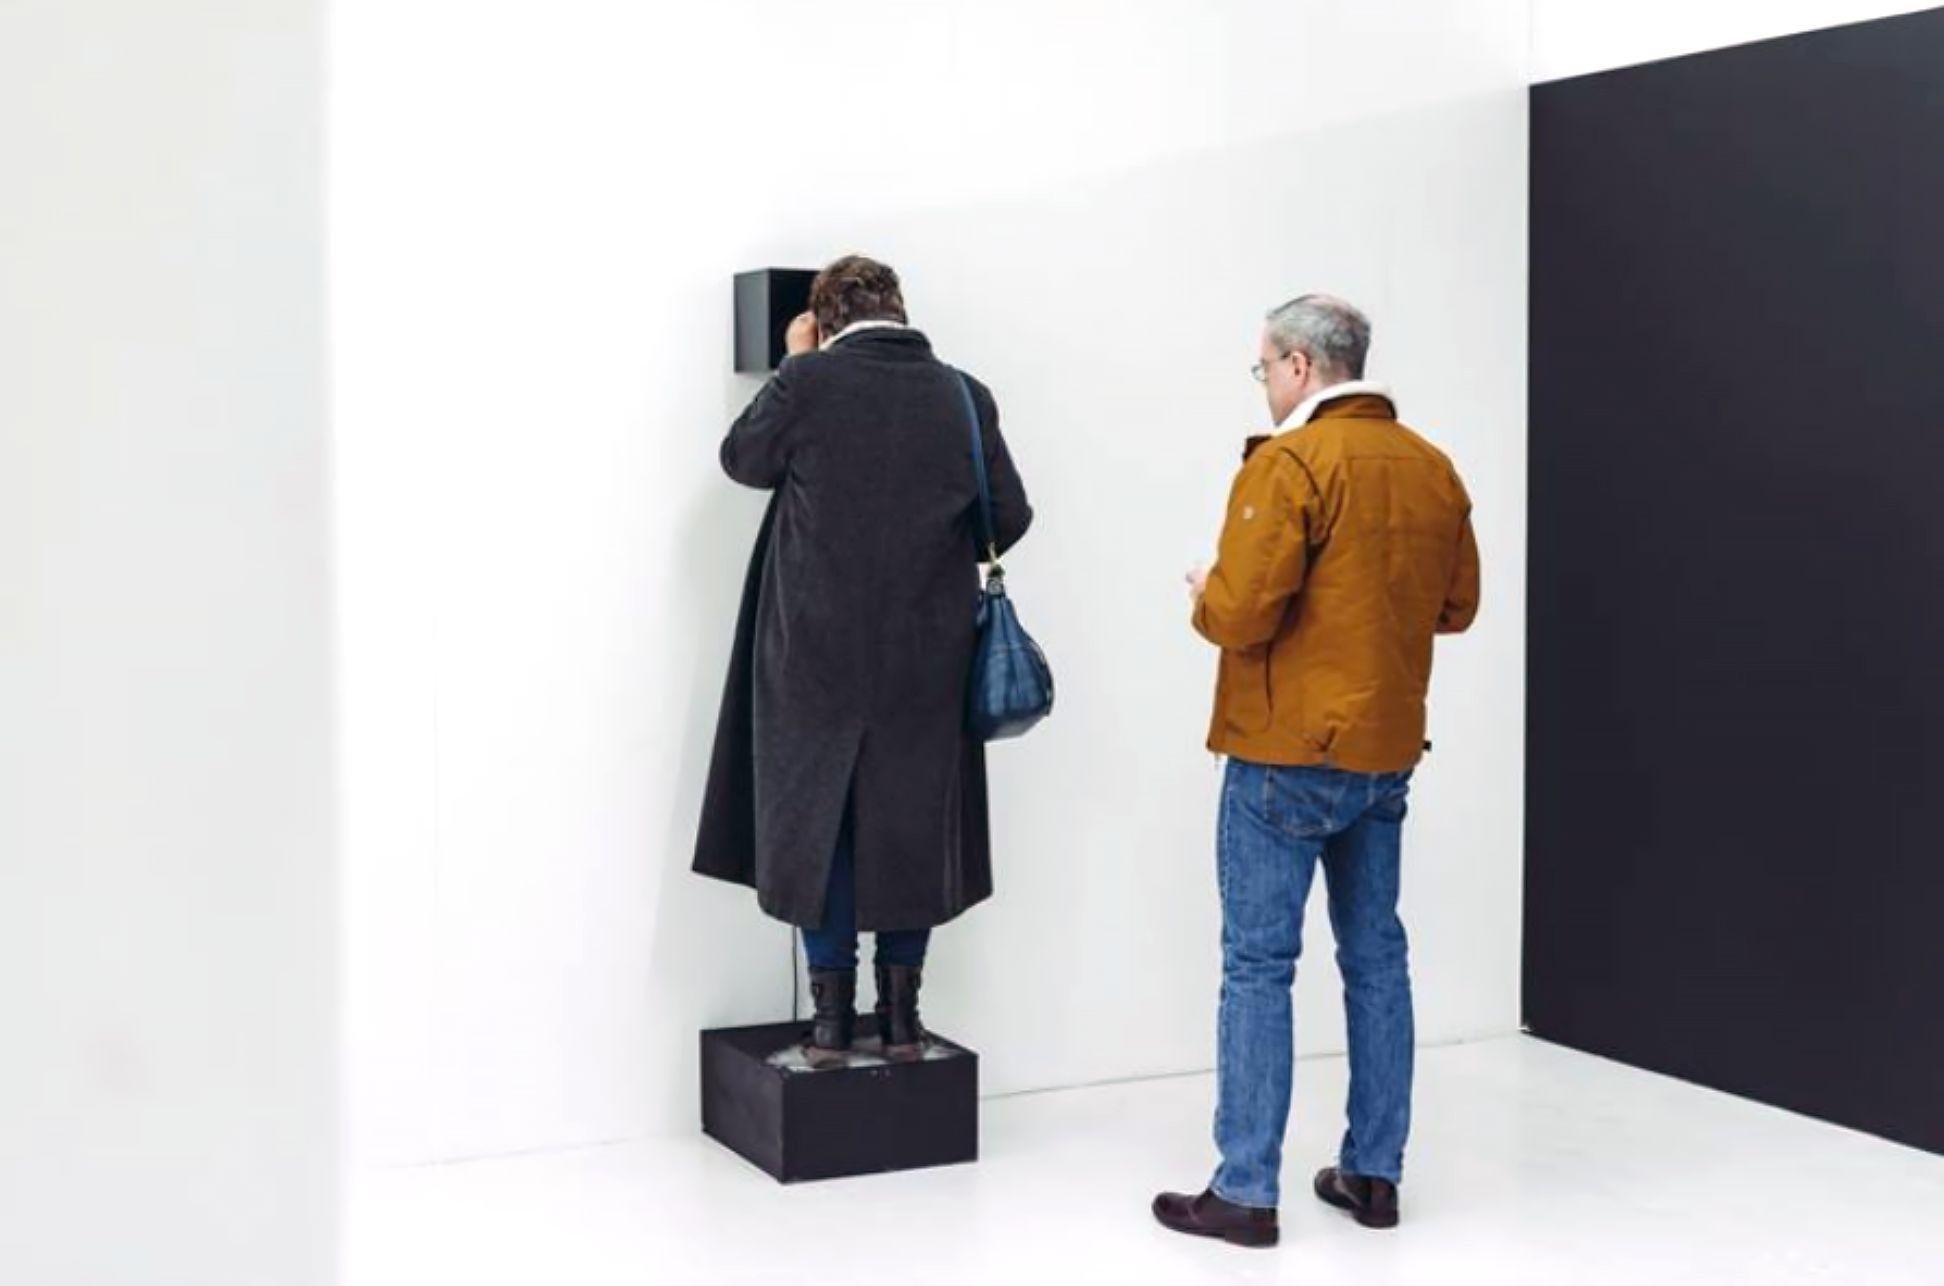 Pour 'Récits contemporains', la galerie PARROTTA CONTEMPORARY ART (Cologne, Allemagne) présente la série Material (2015) de Clare Strand. Dans cette série, l'artiste nous invite à observer la poussière se déplacer dans un spectre lumineux. Par cette action, elle nous incite à prendre conscience de notre environnement physique tout en contemplant l'instant suspendu dans le temps. Avec l'aimable autorisation de la galerie Parrotta et de l'artiste.